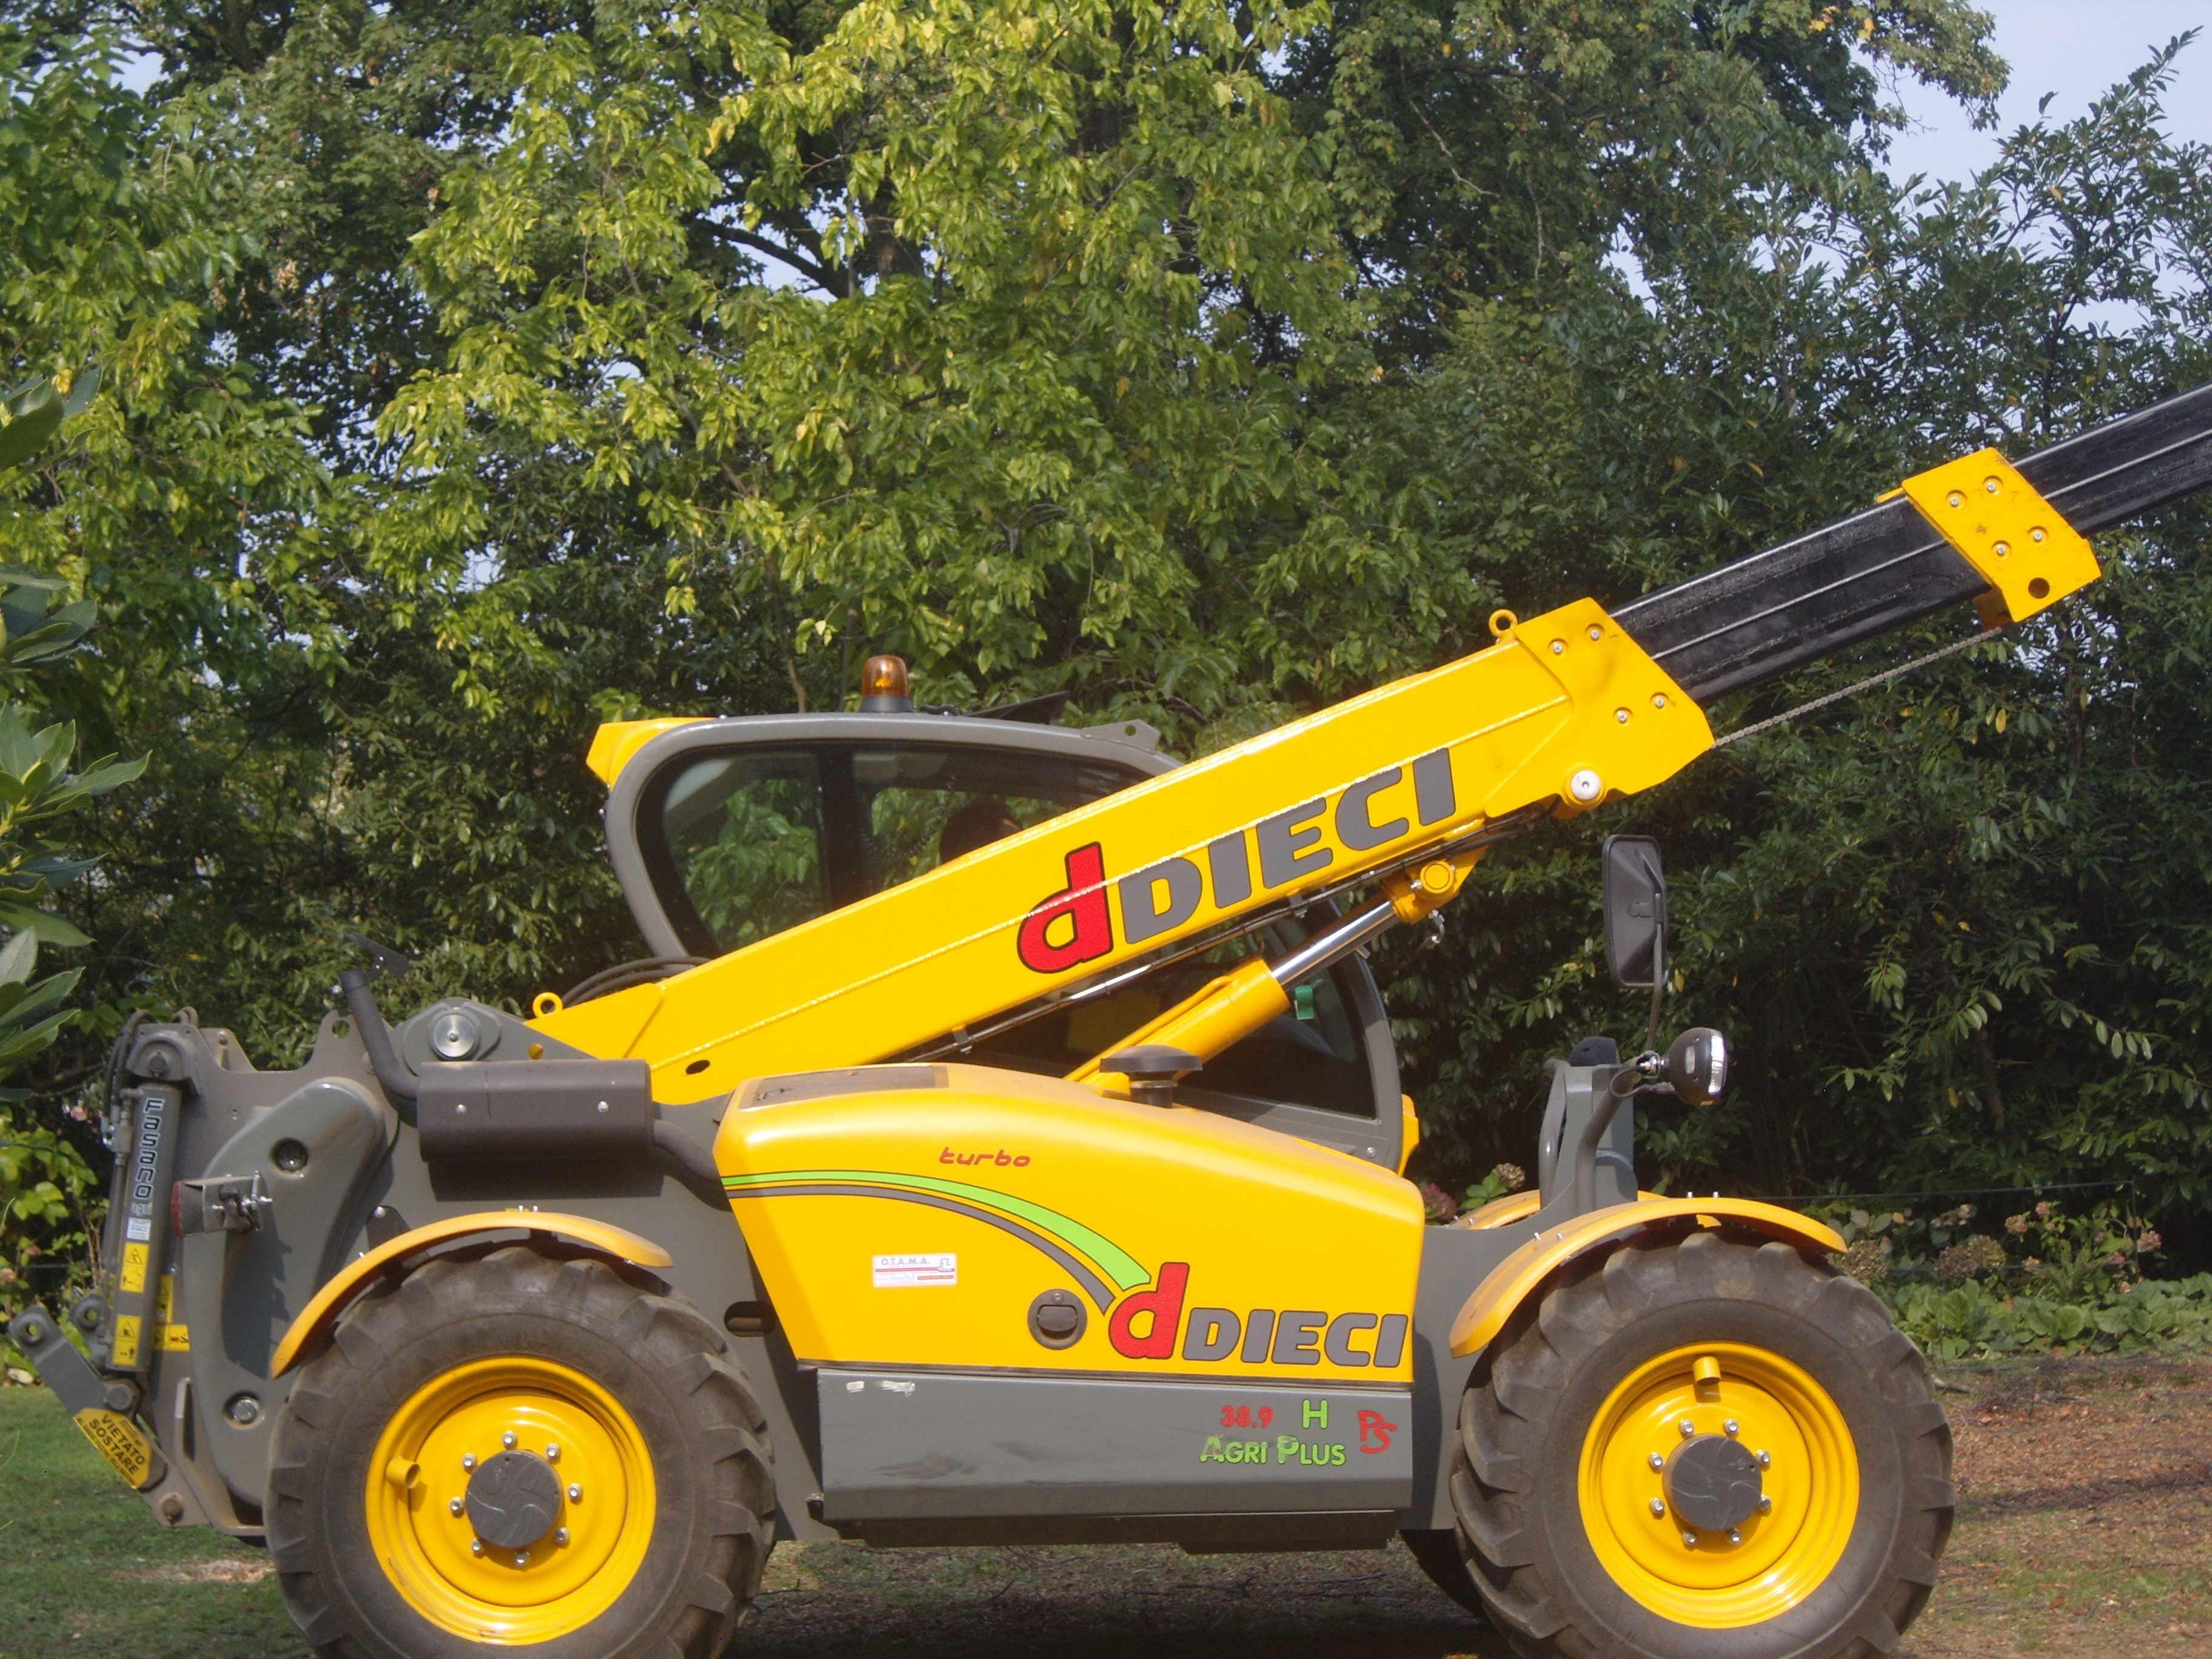 un veicolo a quattro ruote di color giallo con un braccio meccanico